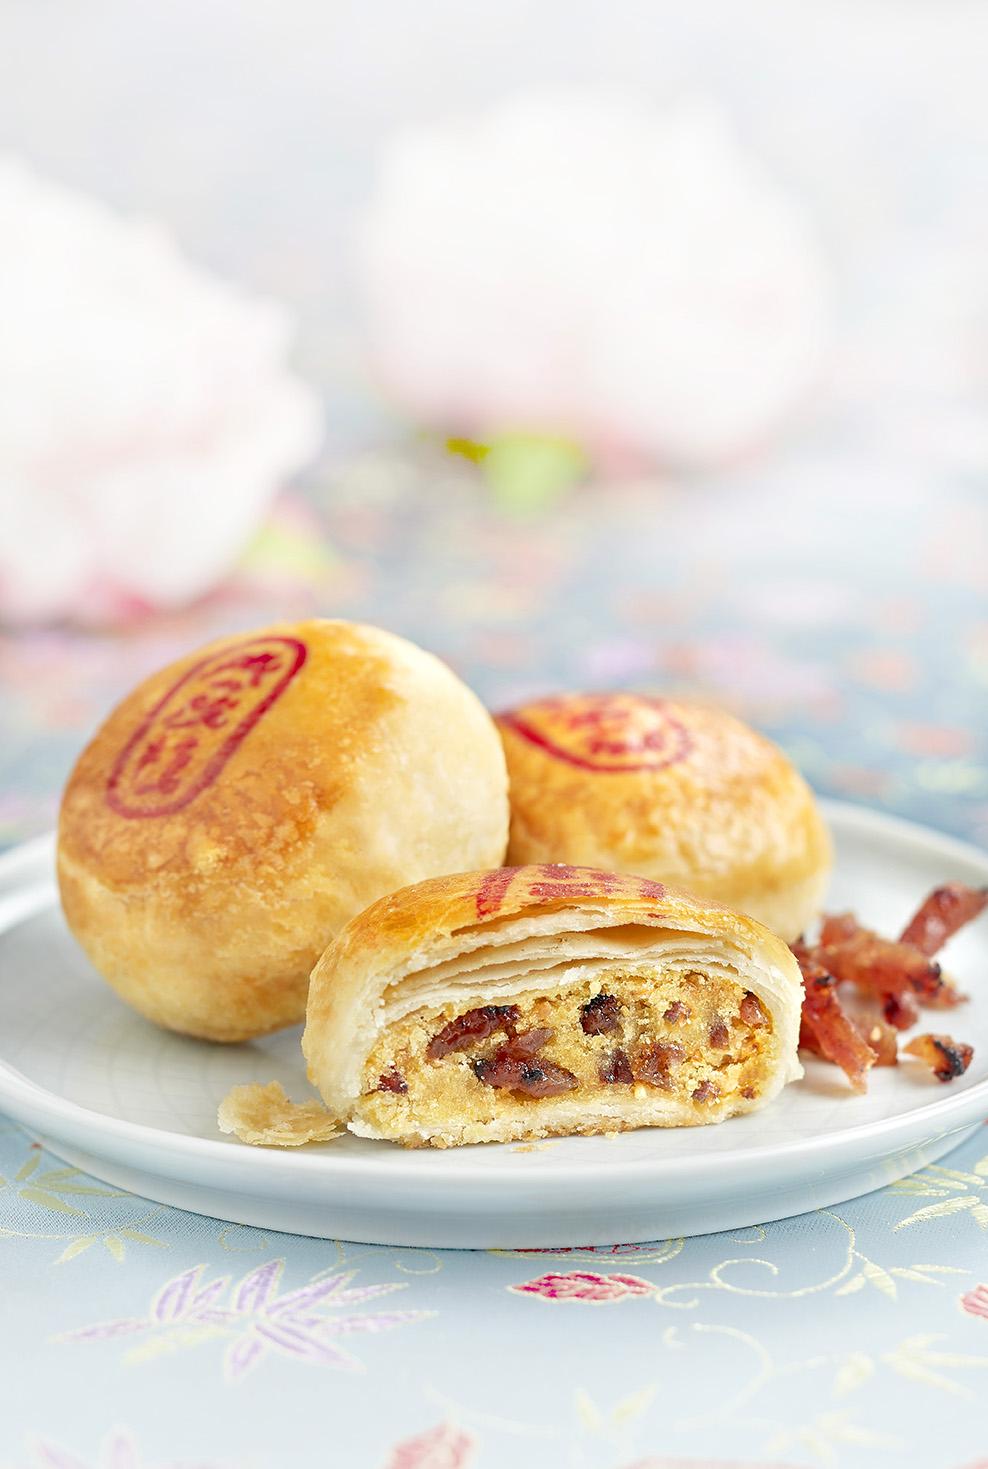 Bak Kwa Tau Sar Piah - 金钱肉干饼